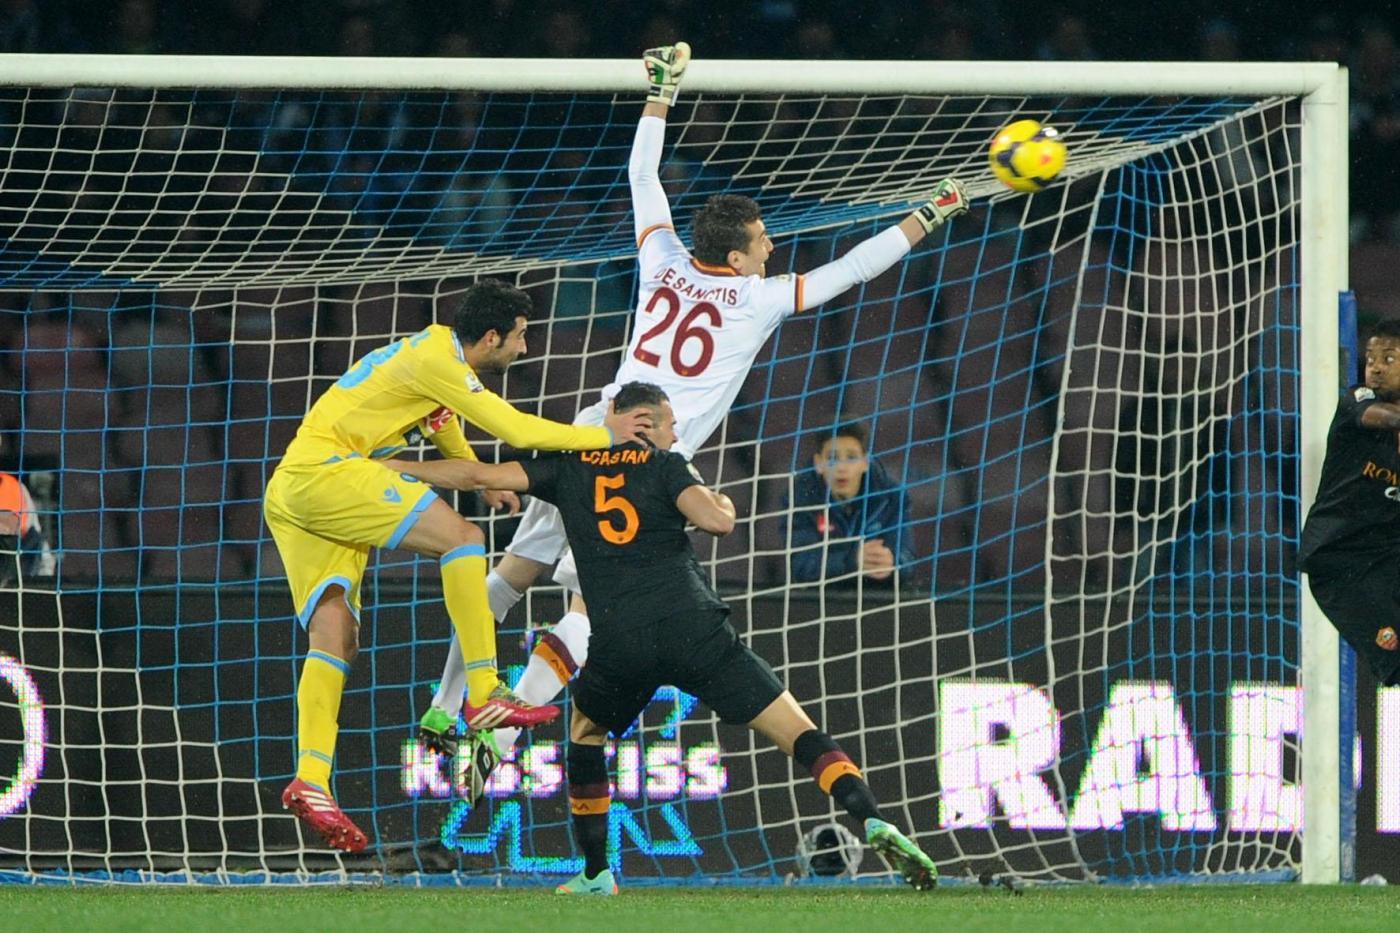 Finale Coppa Italia Fiorentina-Napoli 1-3 03-05-14 Gol ...